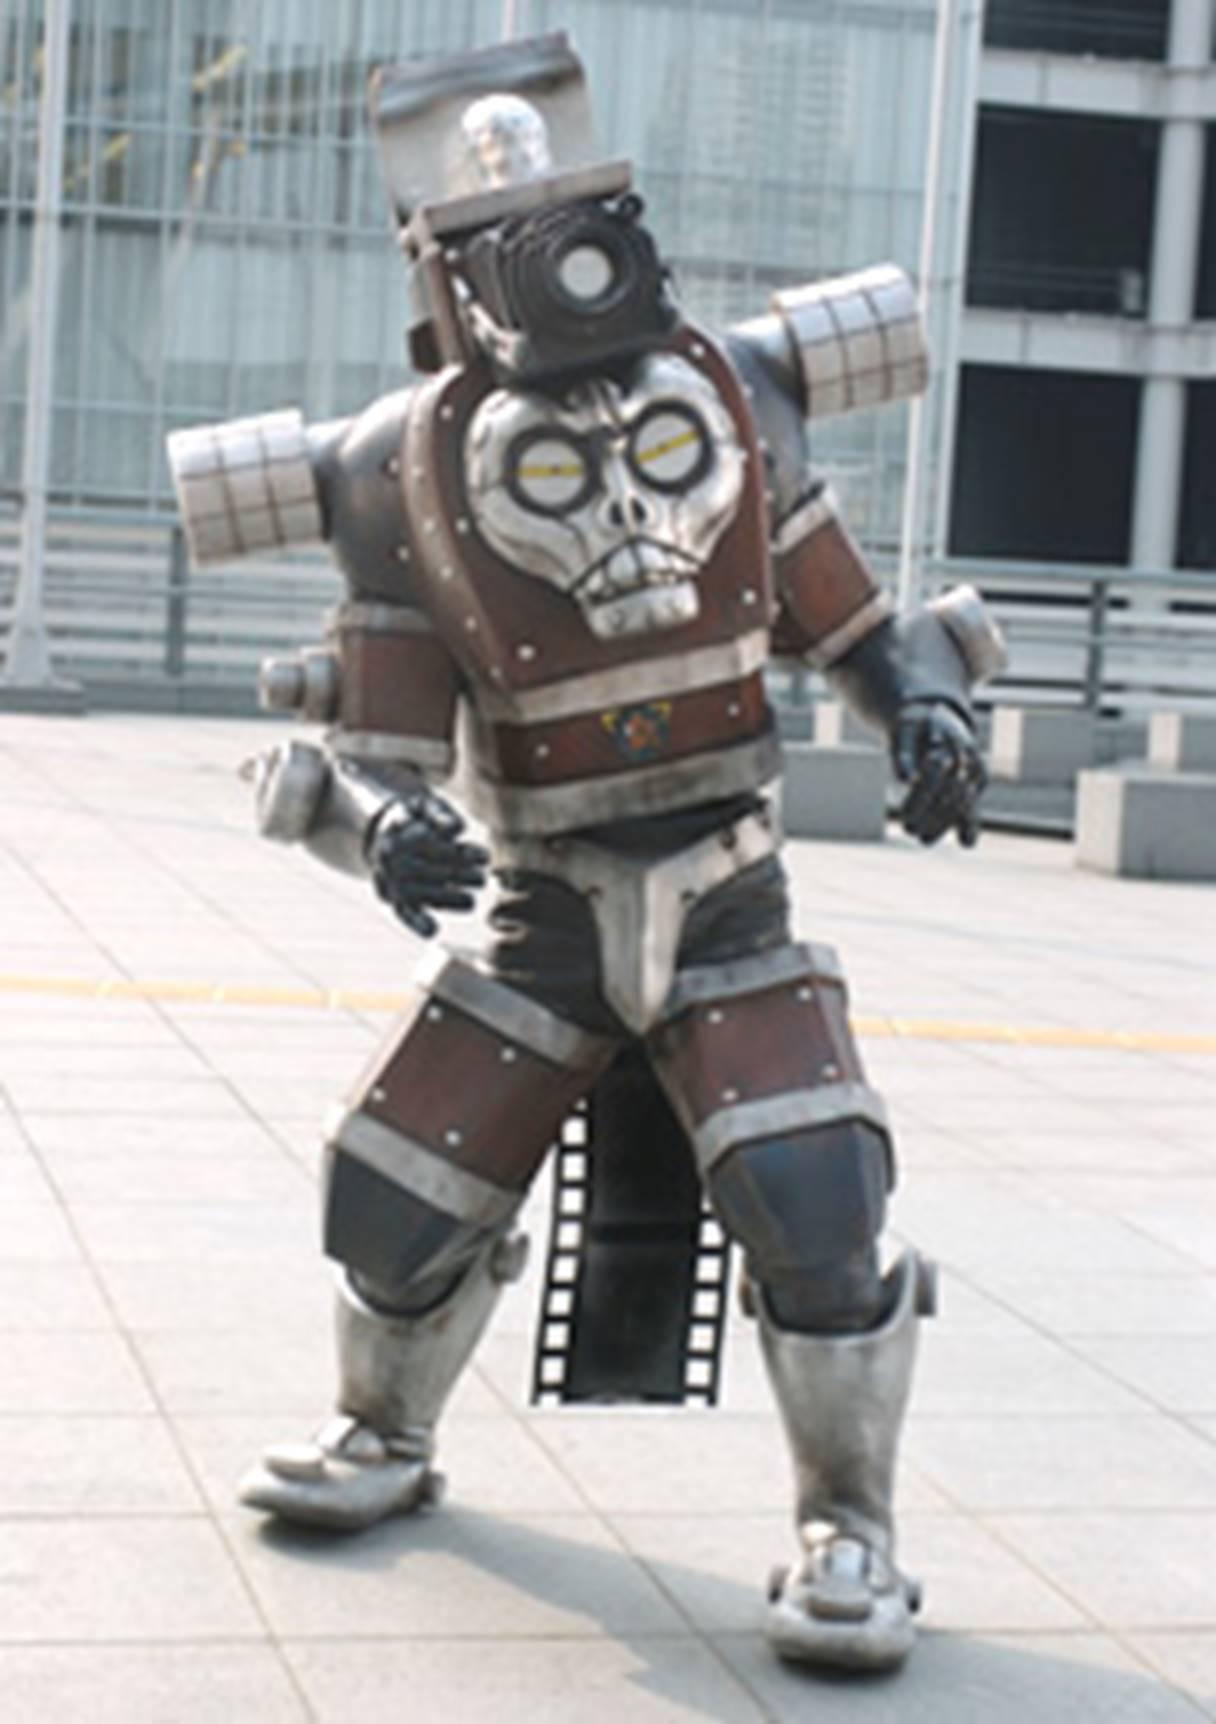 File:Prrpm-vi-attackbot09.jpg